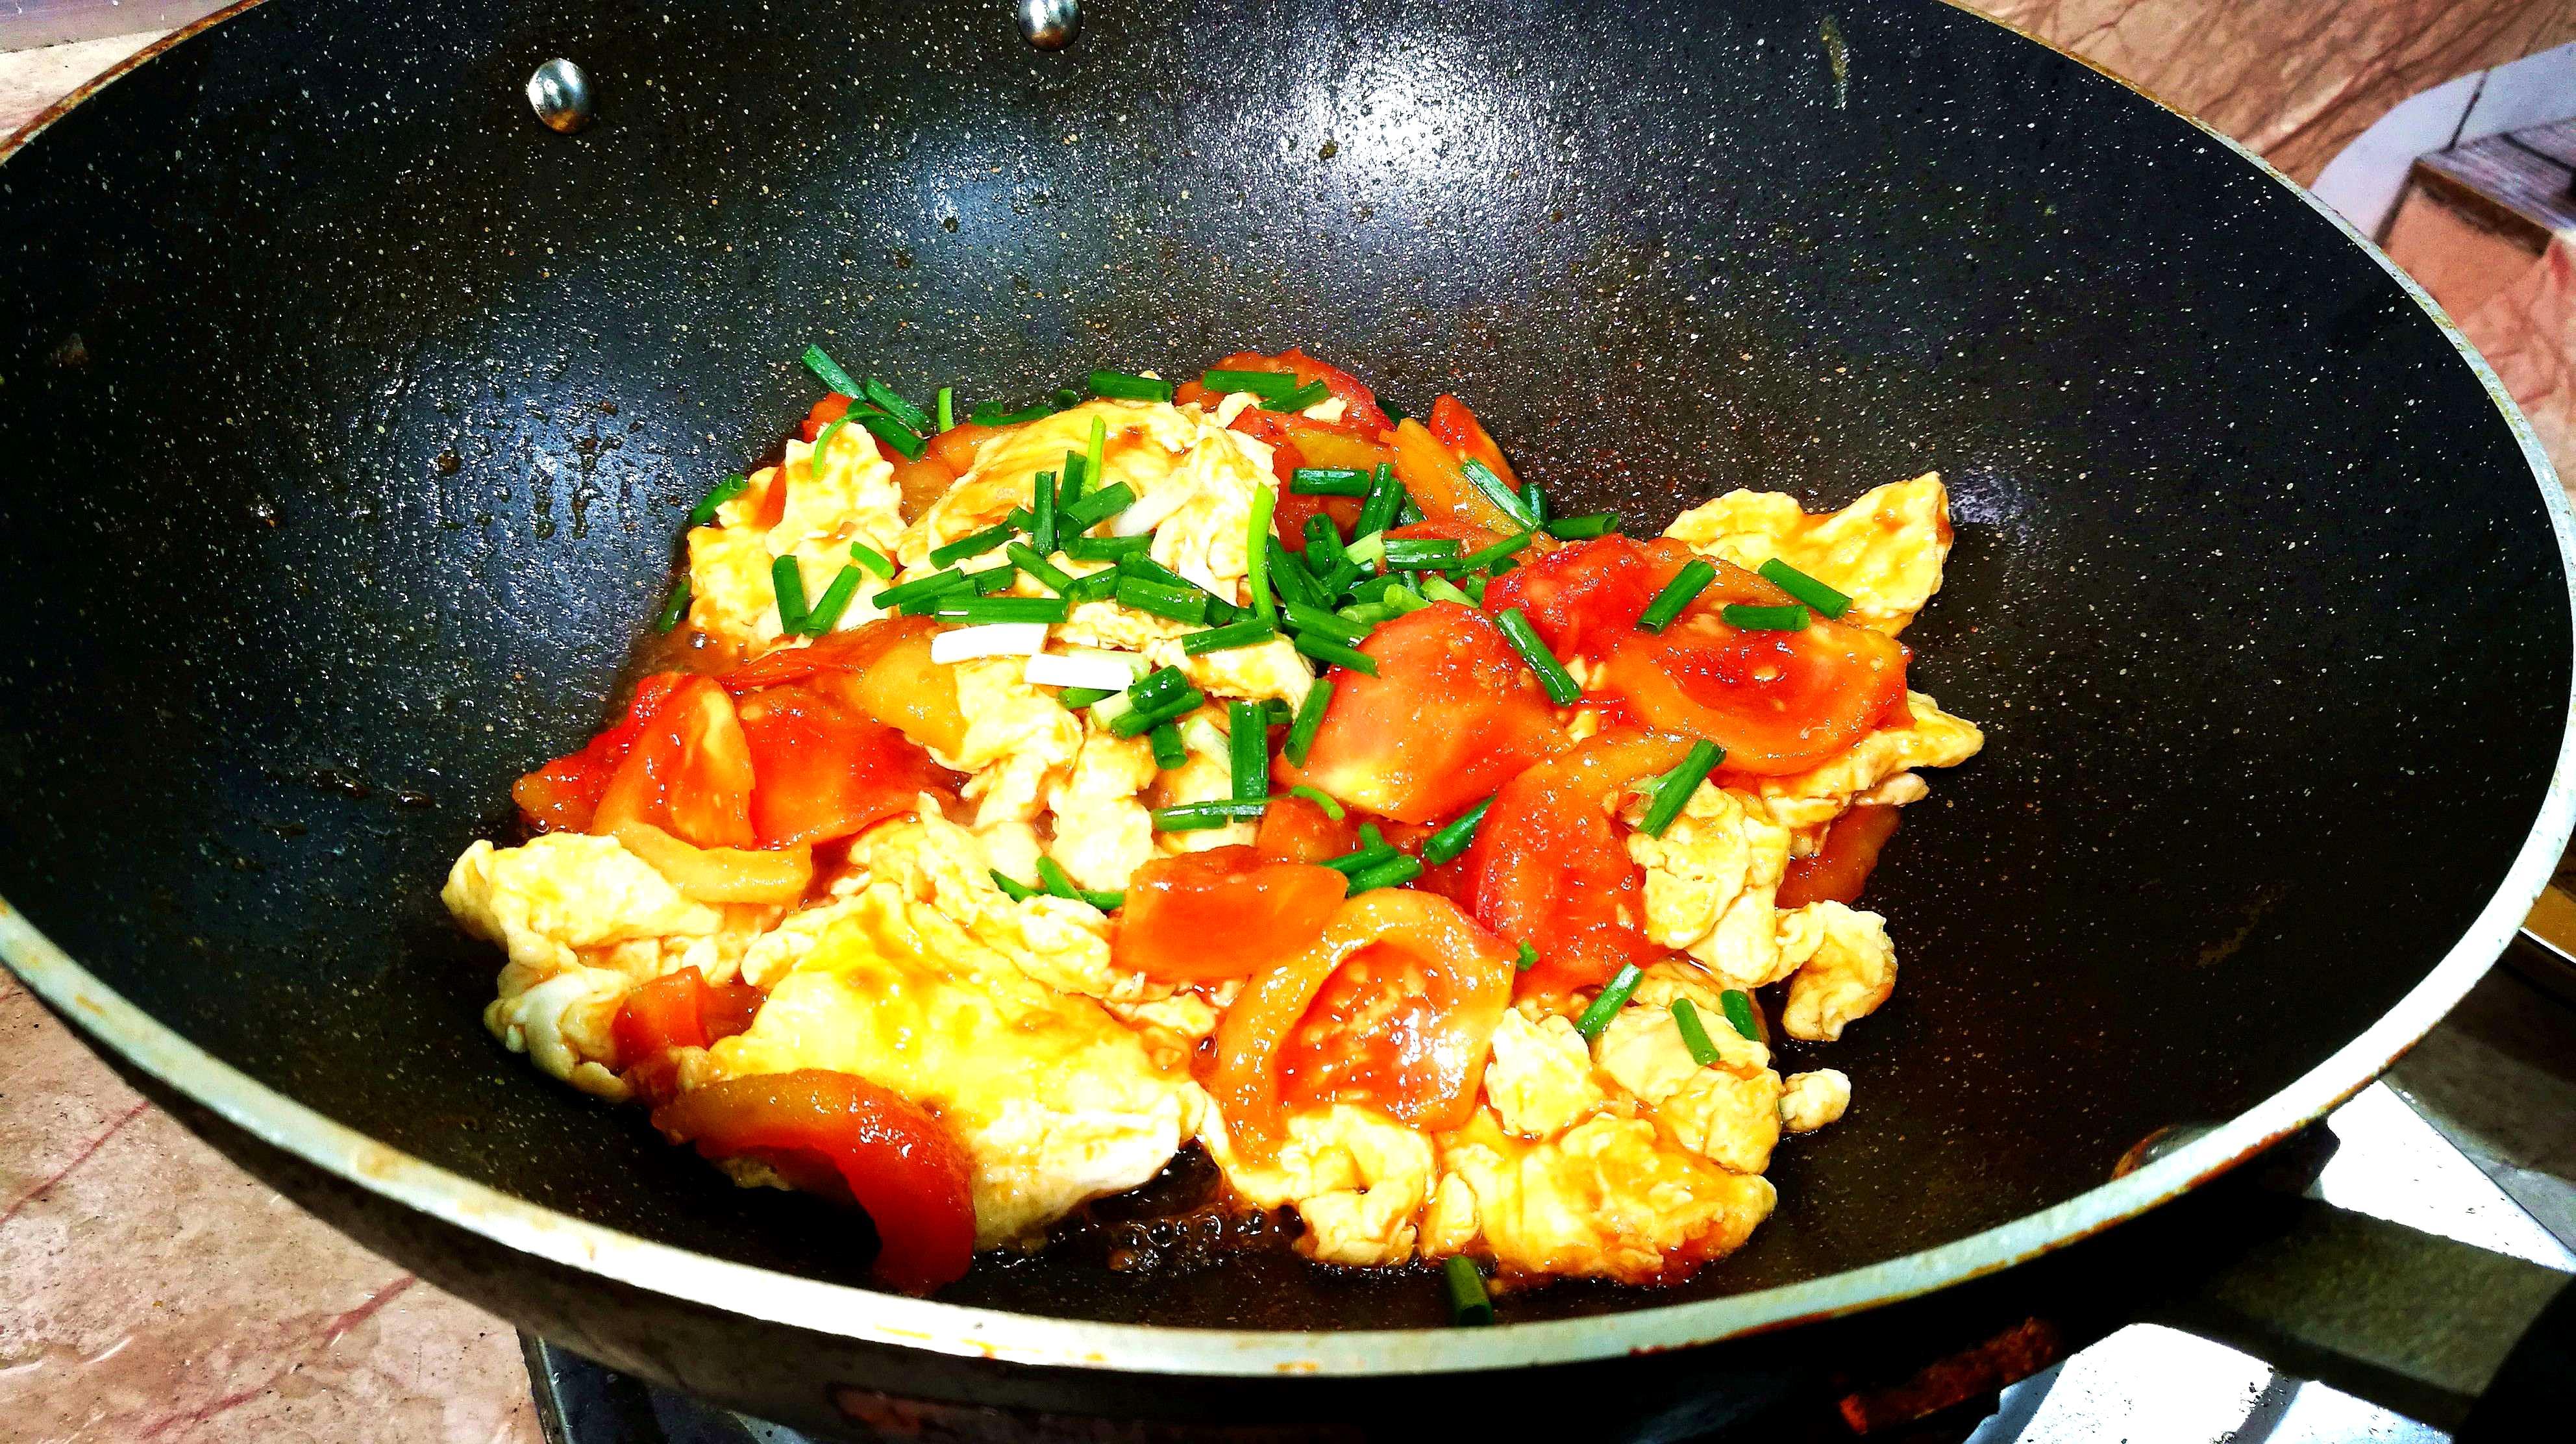 番茄炒蛋的家常做法_土豆丝怎么炒好吃  第2张